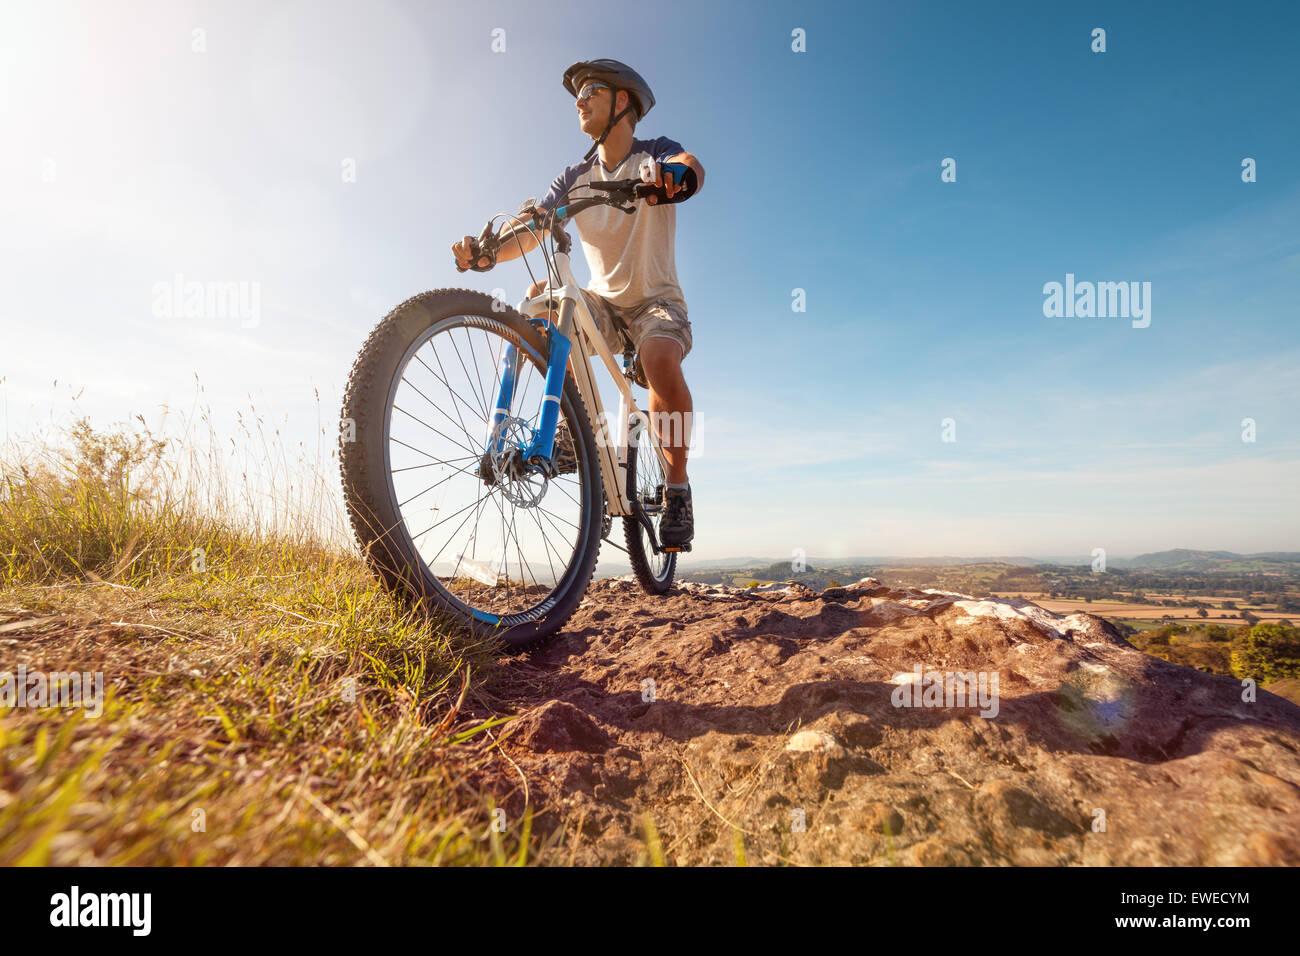 Ciclista de montaña en acción Imagen De Stock